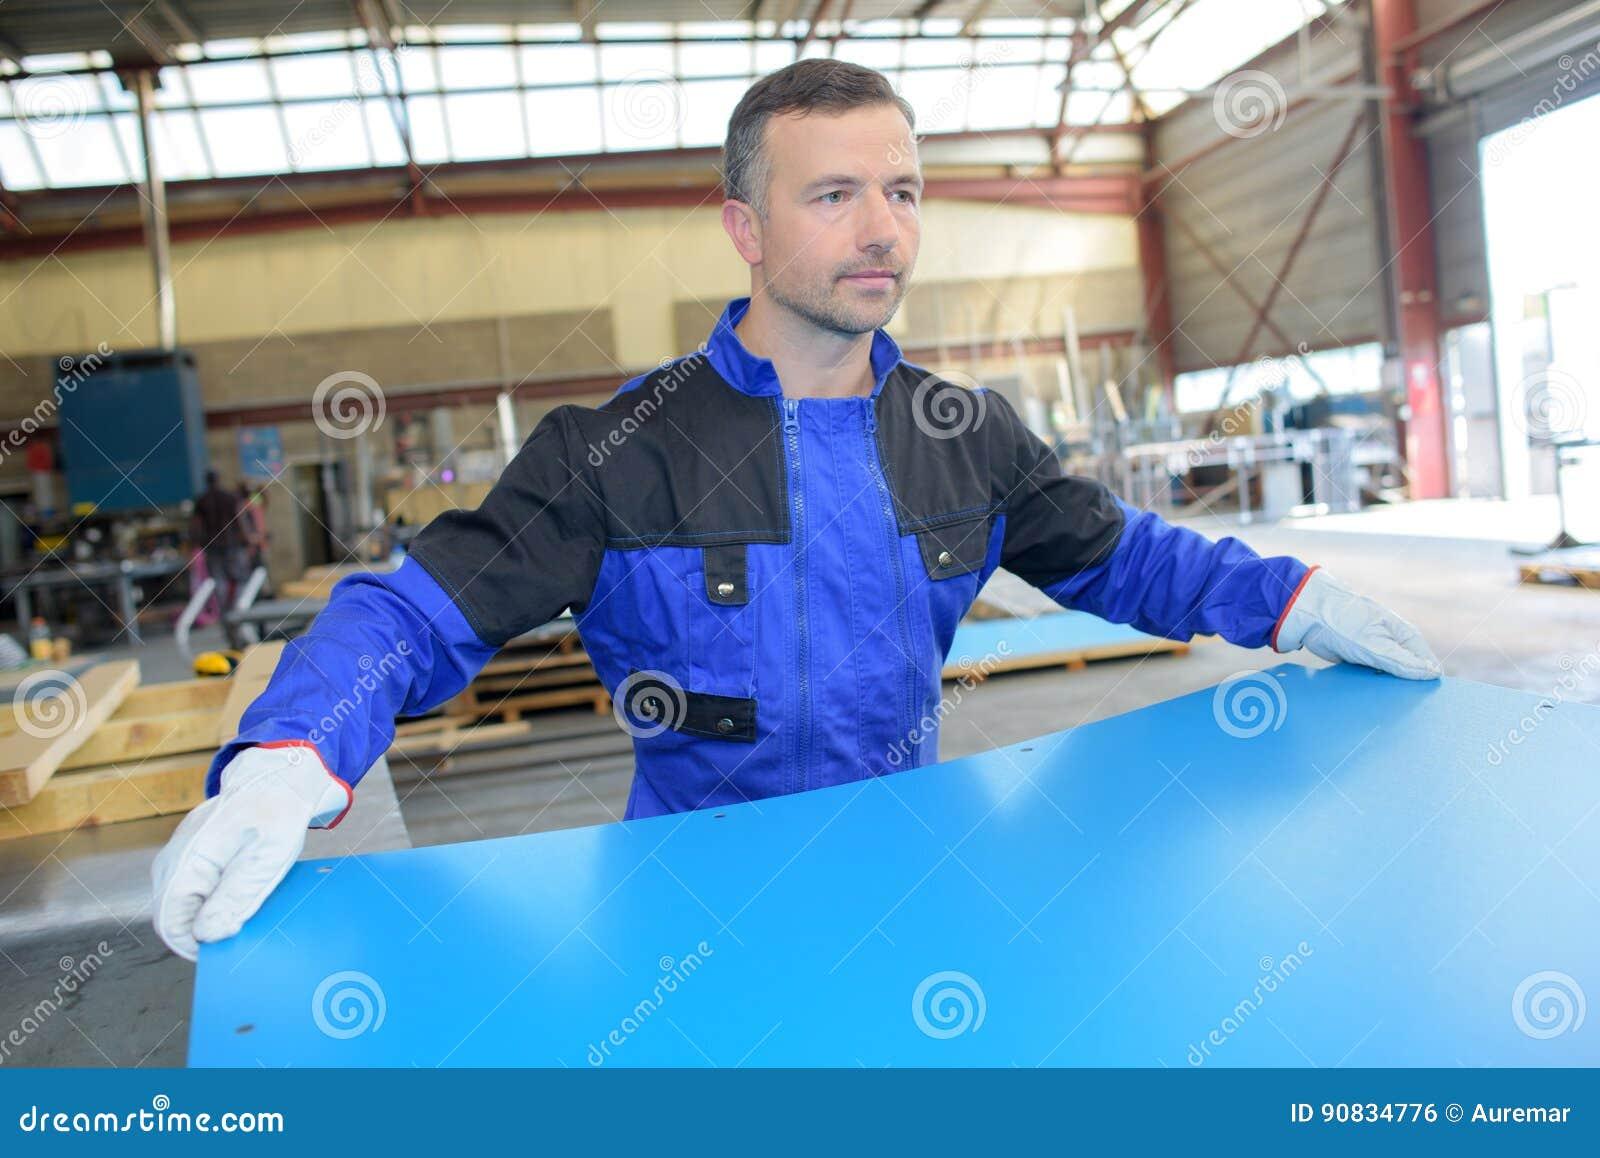 Workman holding sheet metal